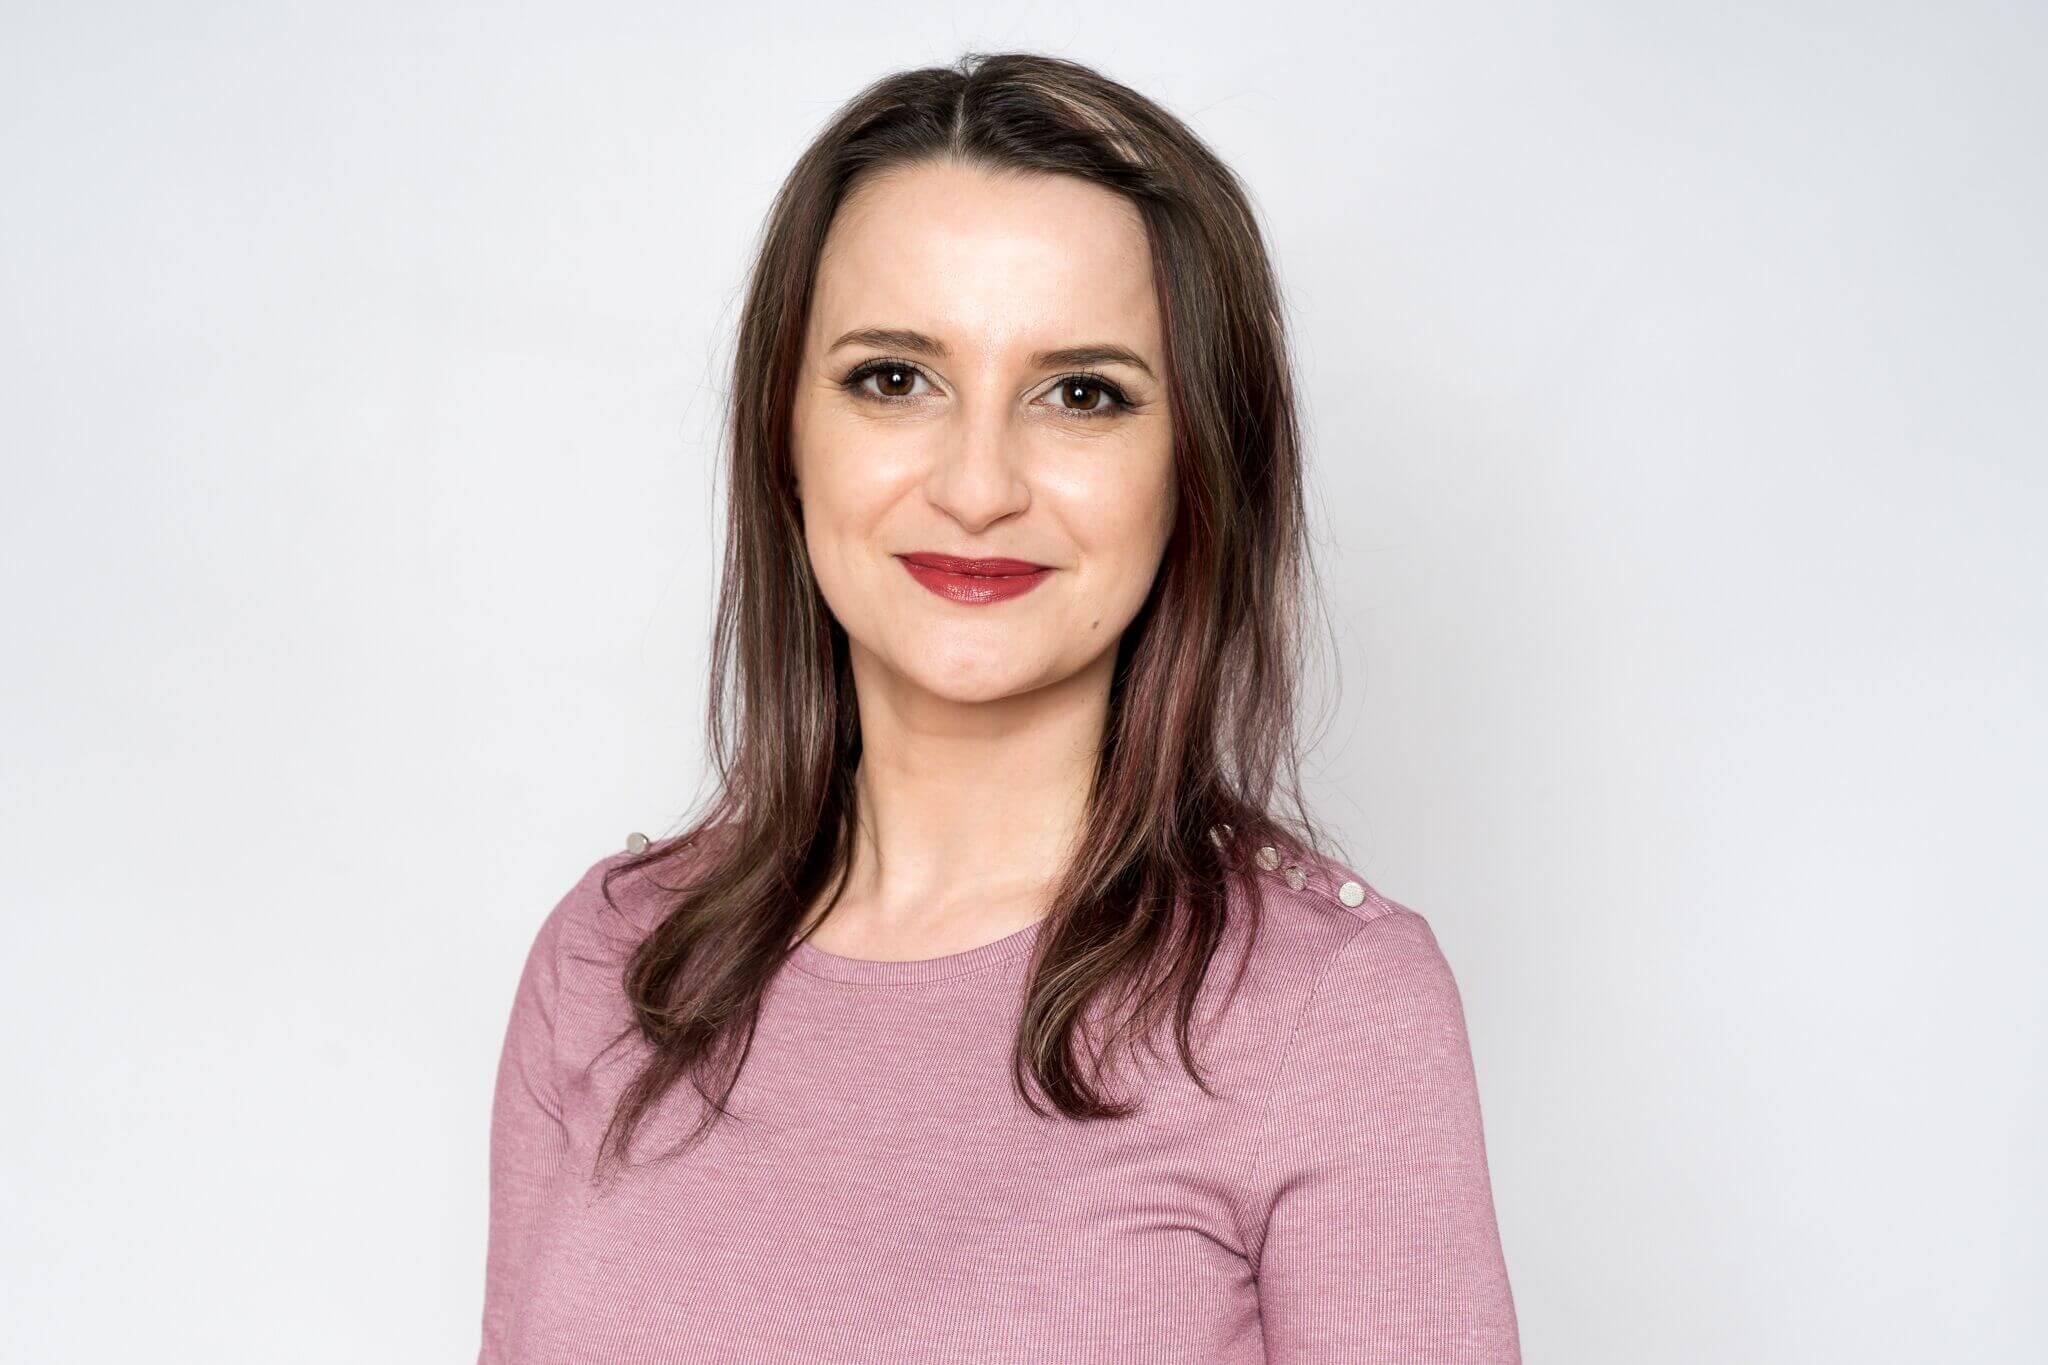 Florina-Mihaela Solcan